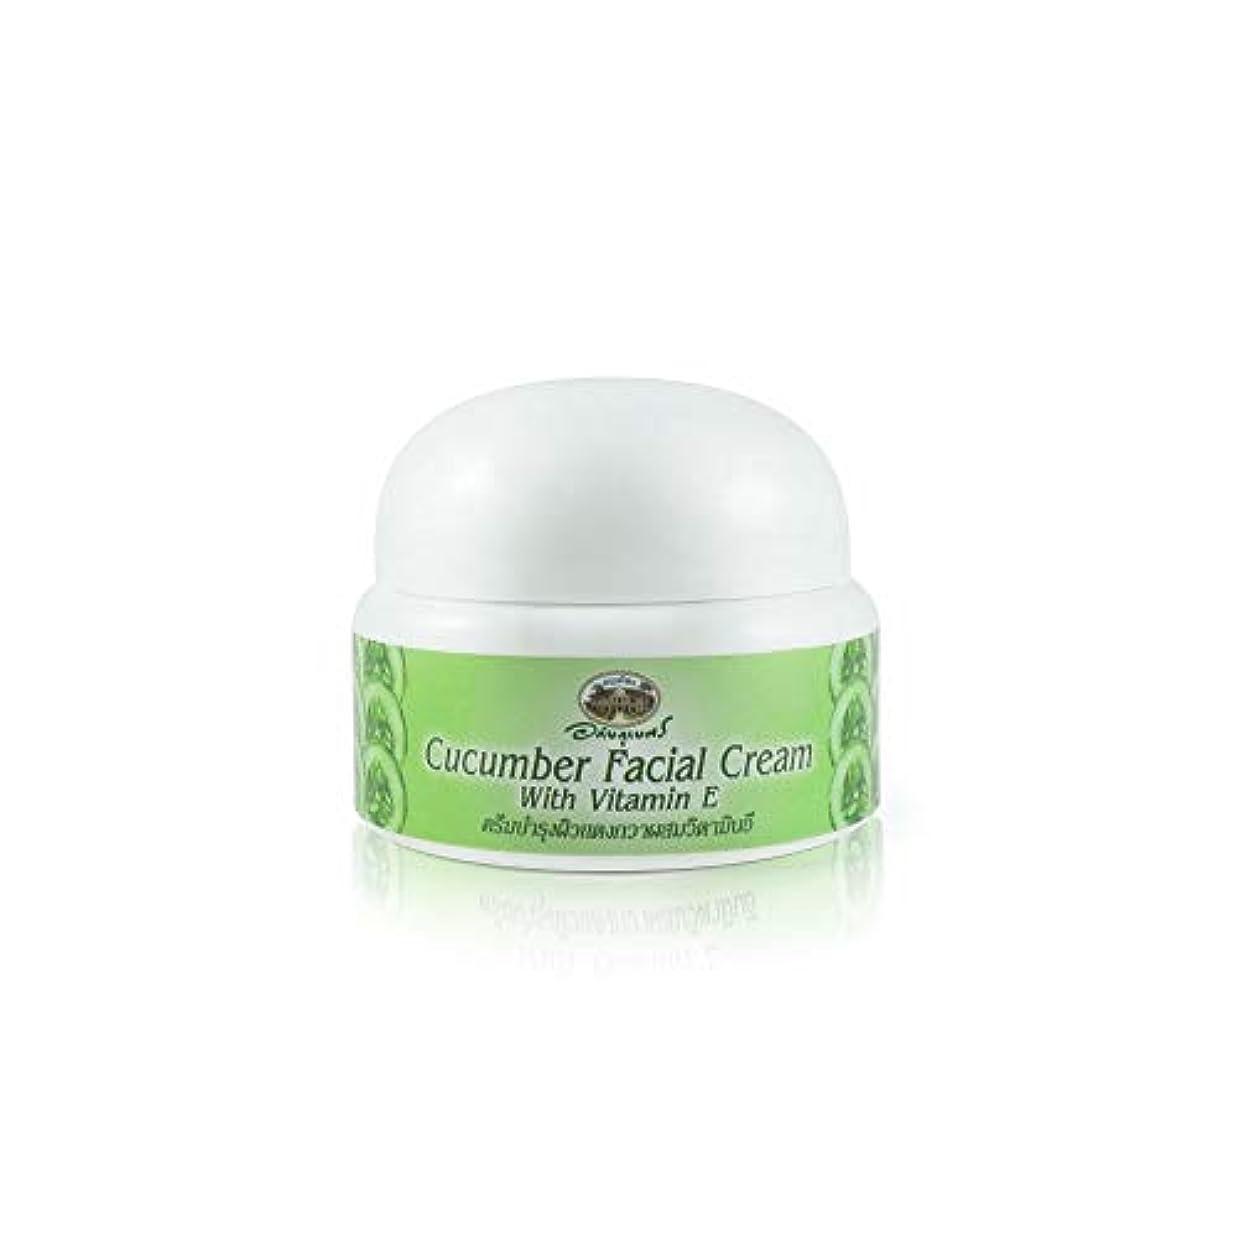 メロドラマ白菜ぼかしAbhaibhubejhr Cucumber Herbal Facial Cream With Vitamin E 40g. Abhaibhubejhrキュウリハーブフェイシャルクリーム(ビタミンE入り)40g